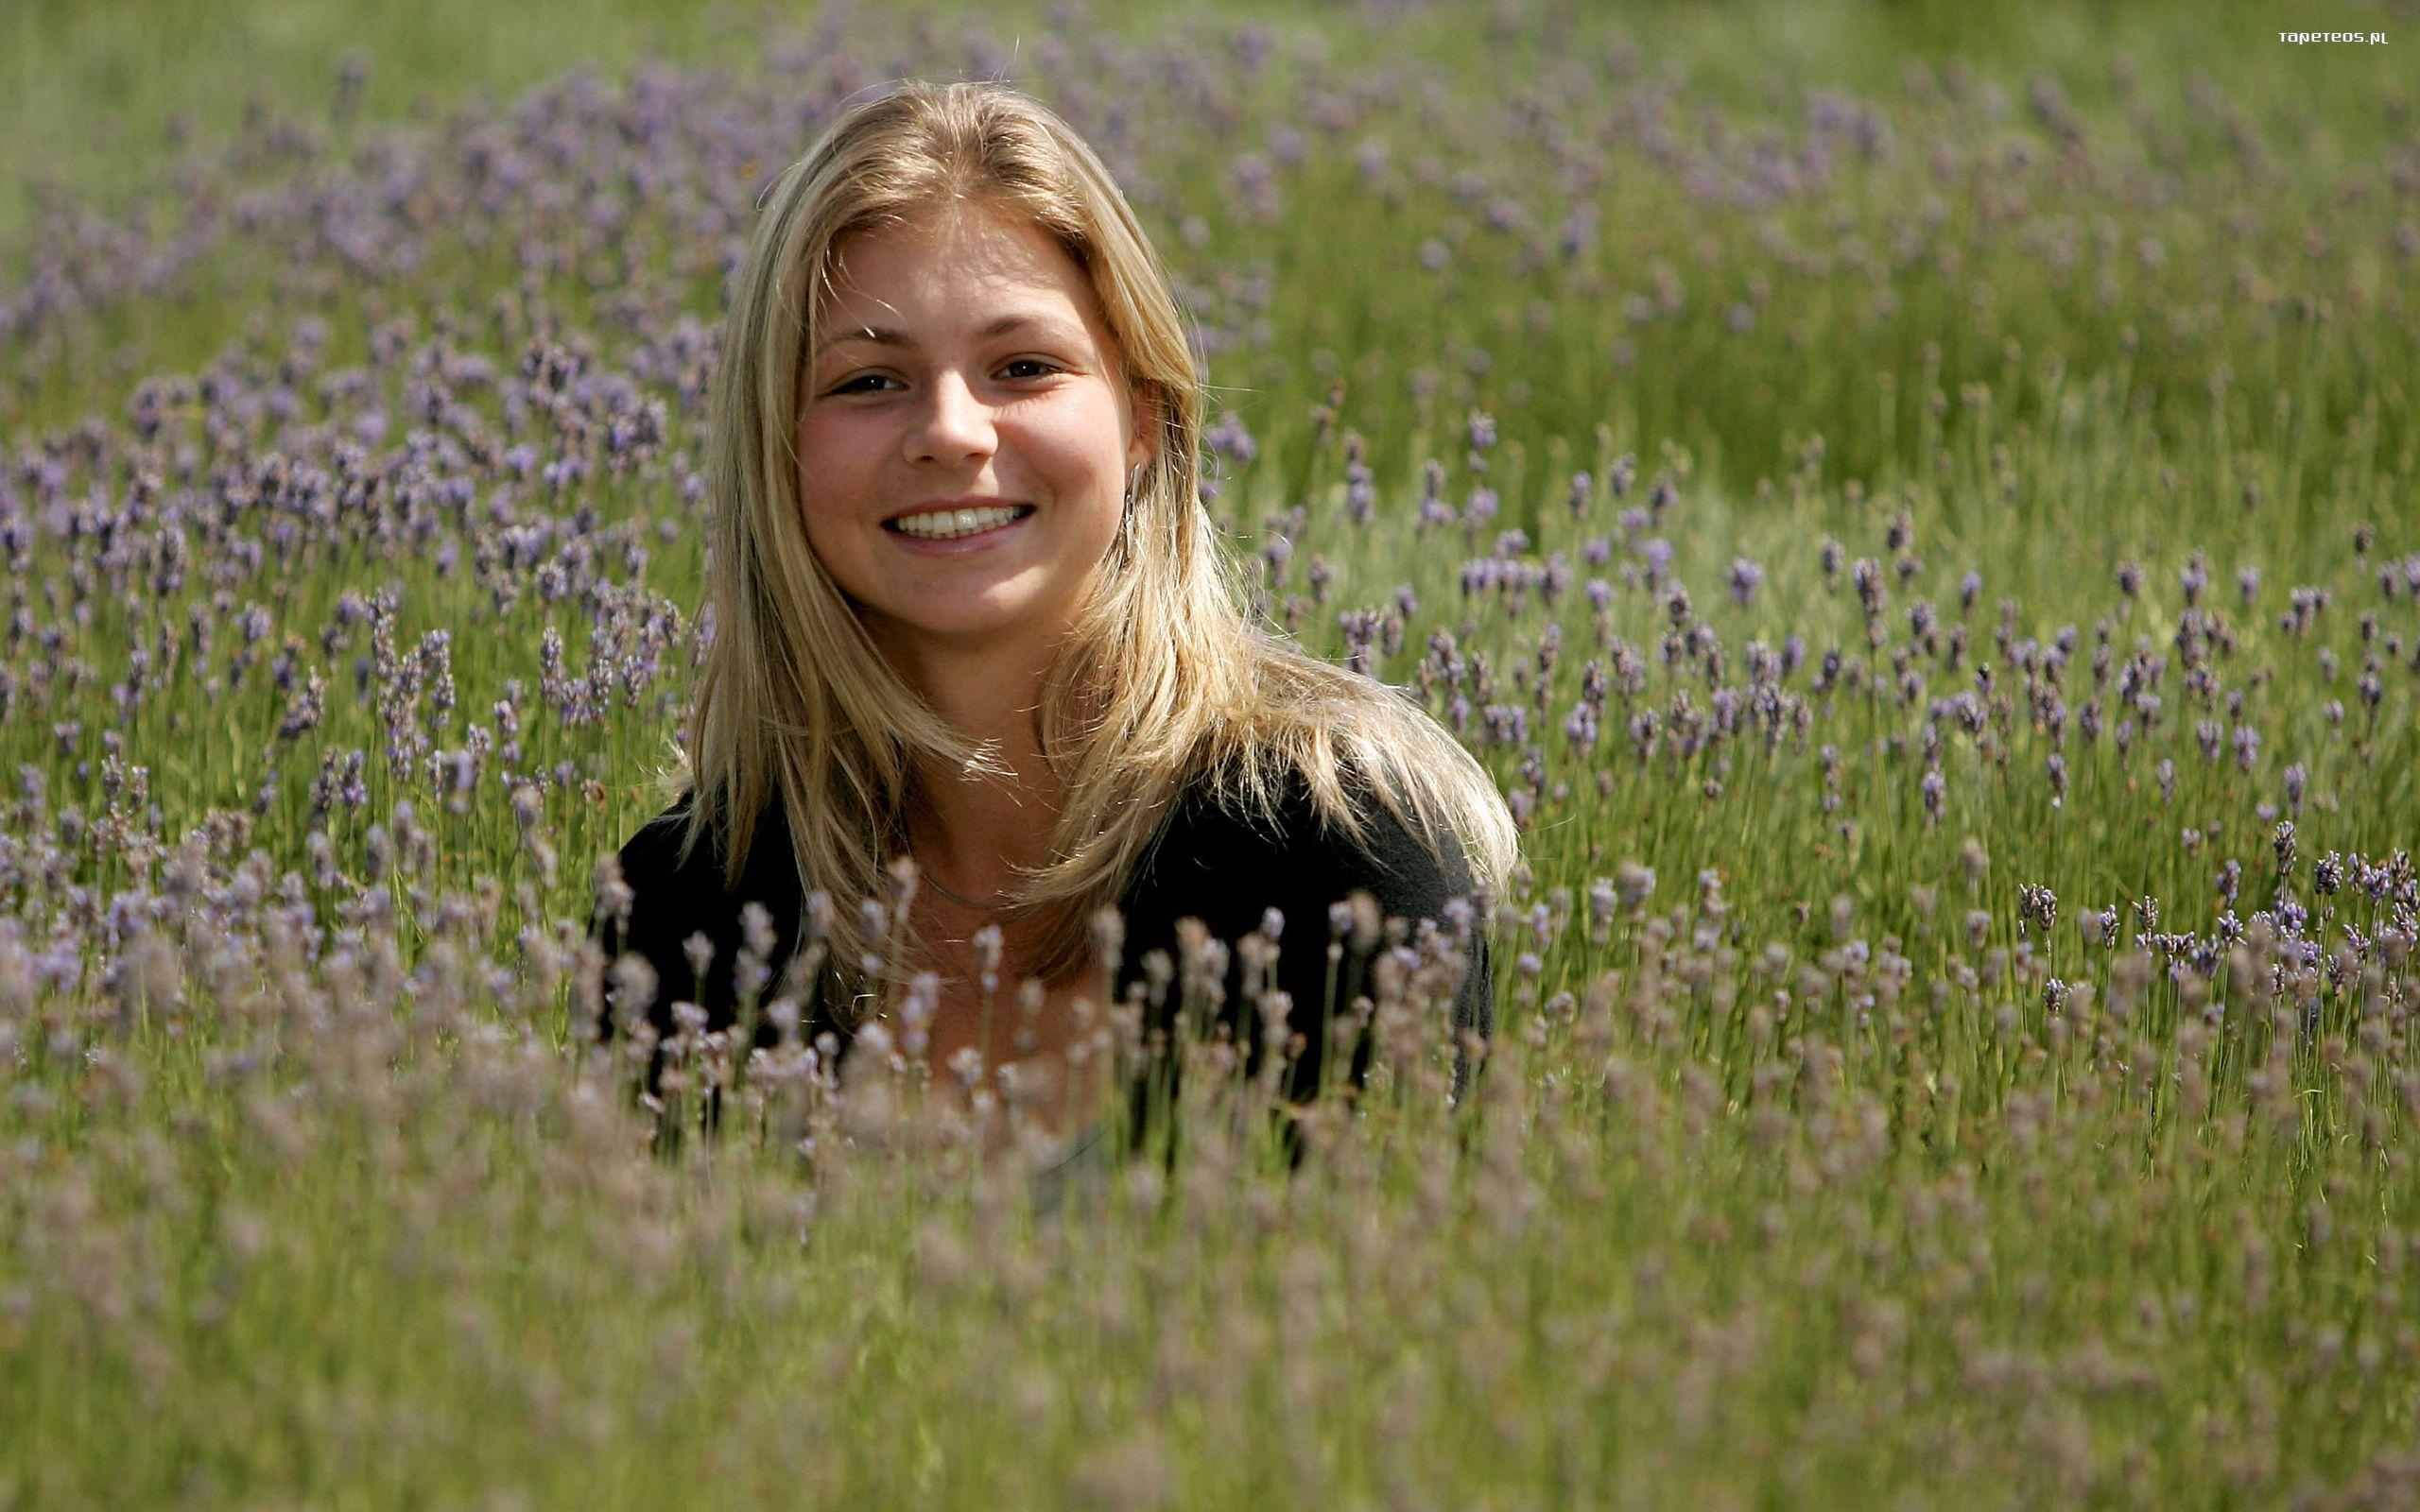 Юная девочка на природе 7 фотография